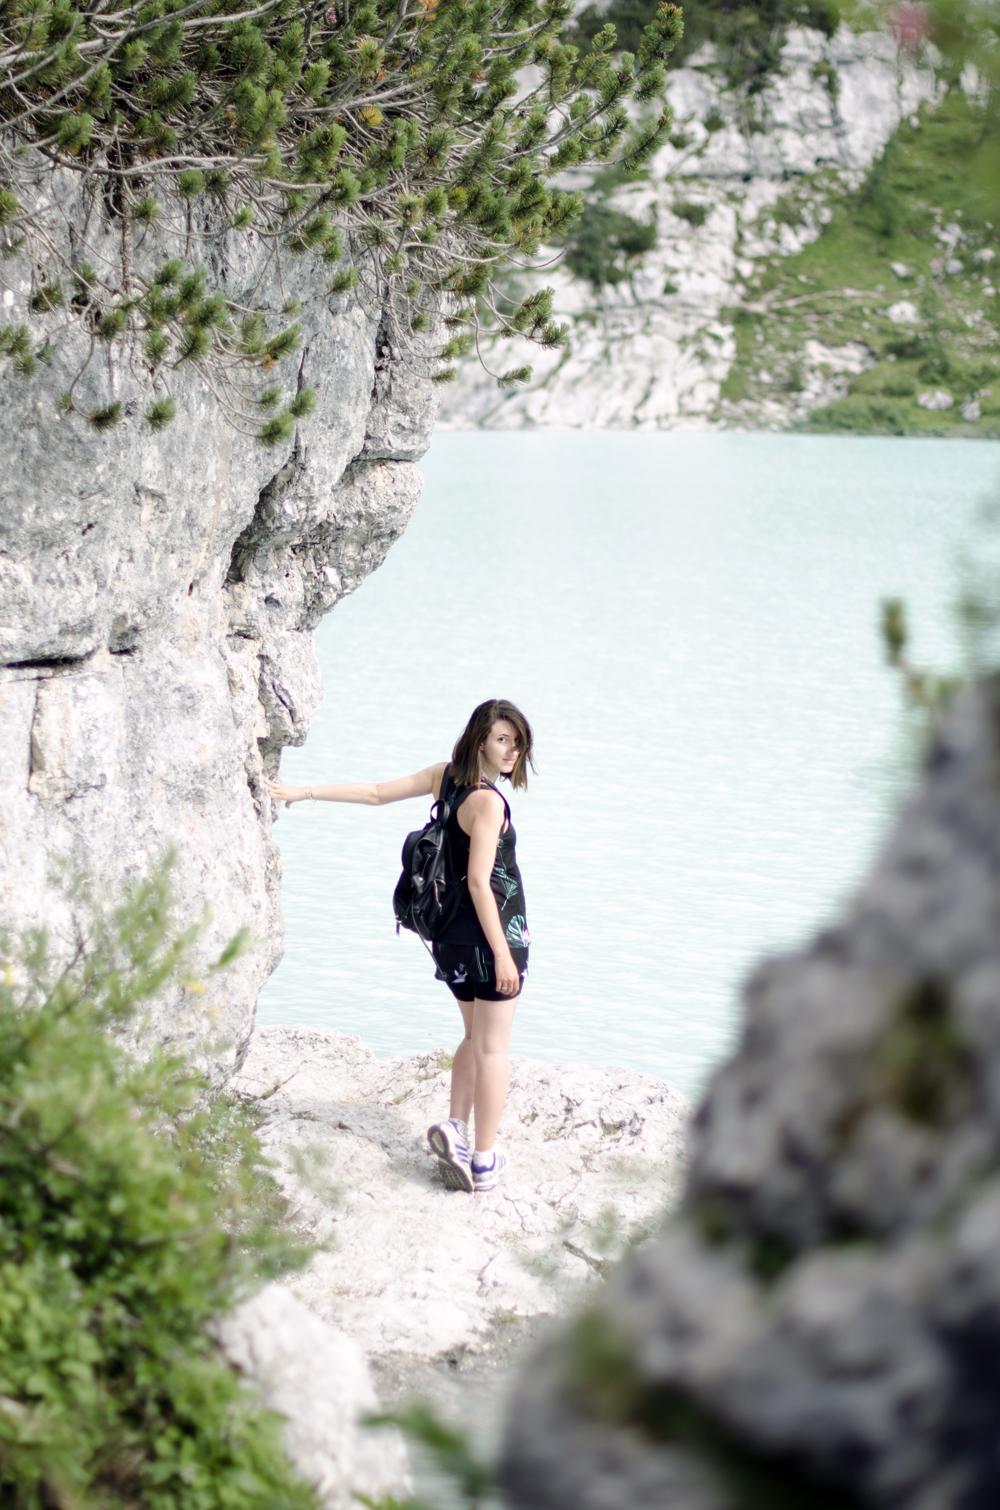 posti meravigliosi da vedere in italia | dolomiti | lago sorapis | abbigliamento sportivo oysho